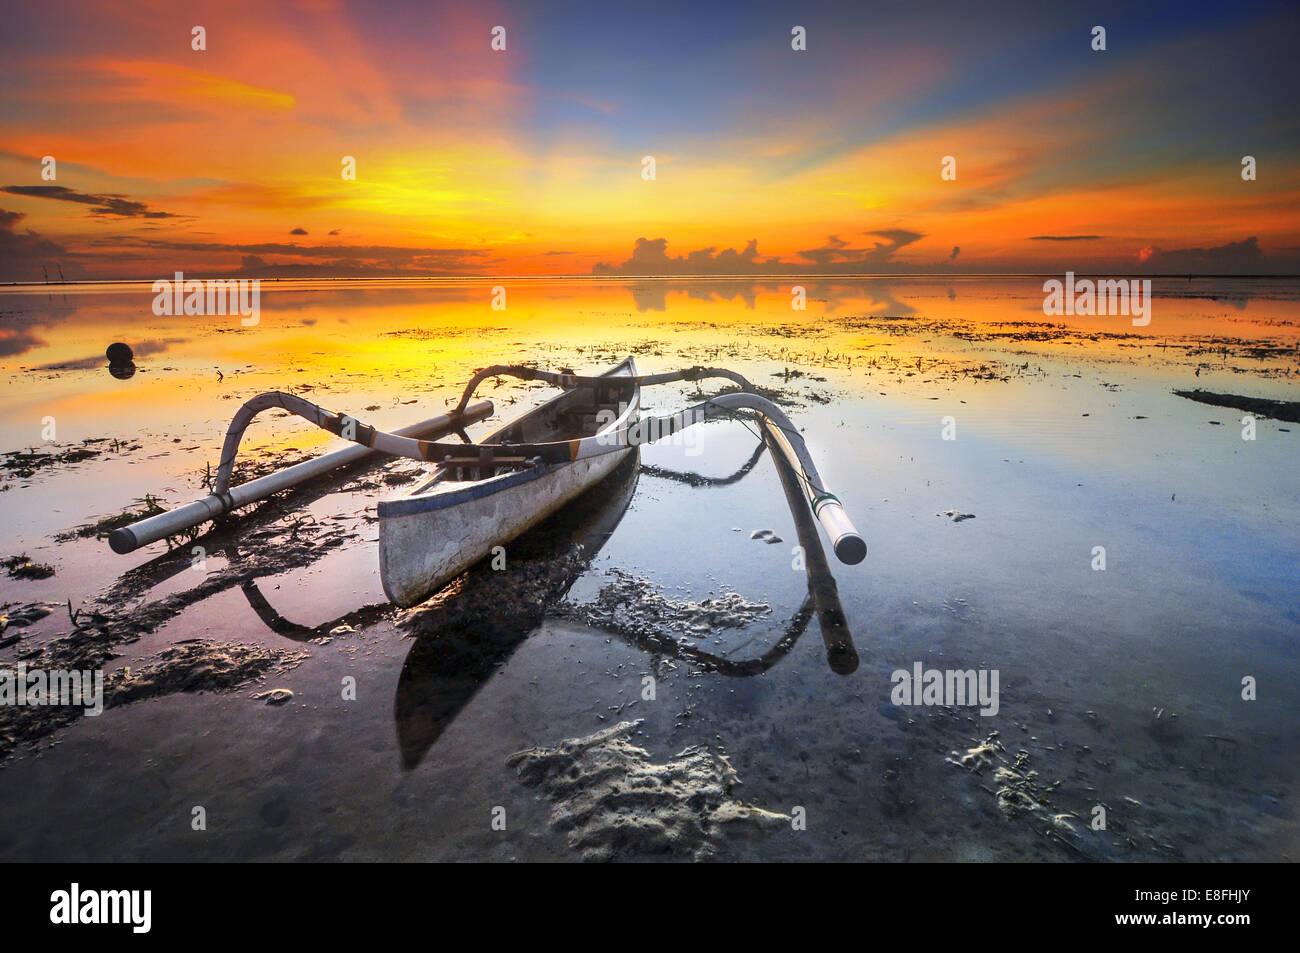 Indonesien, Bali, Boot auf flachen während des Sonnenuntergangs Stockbild